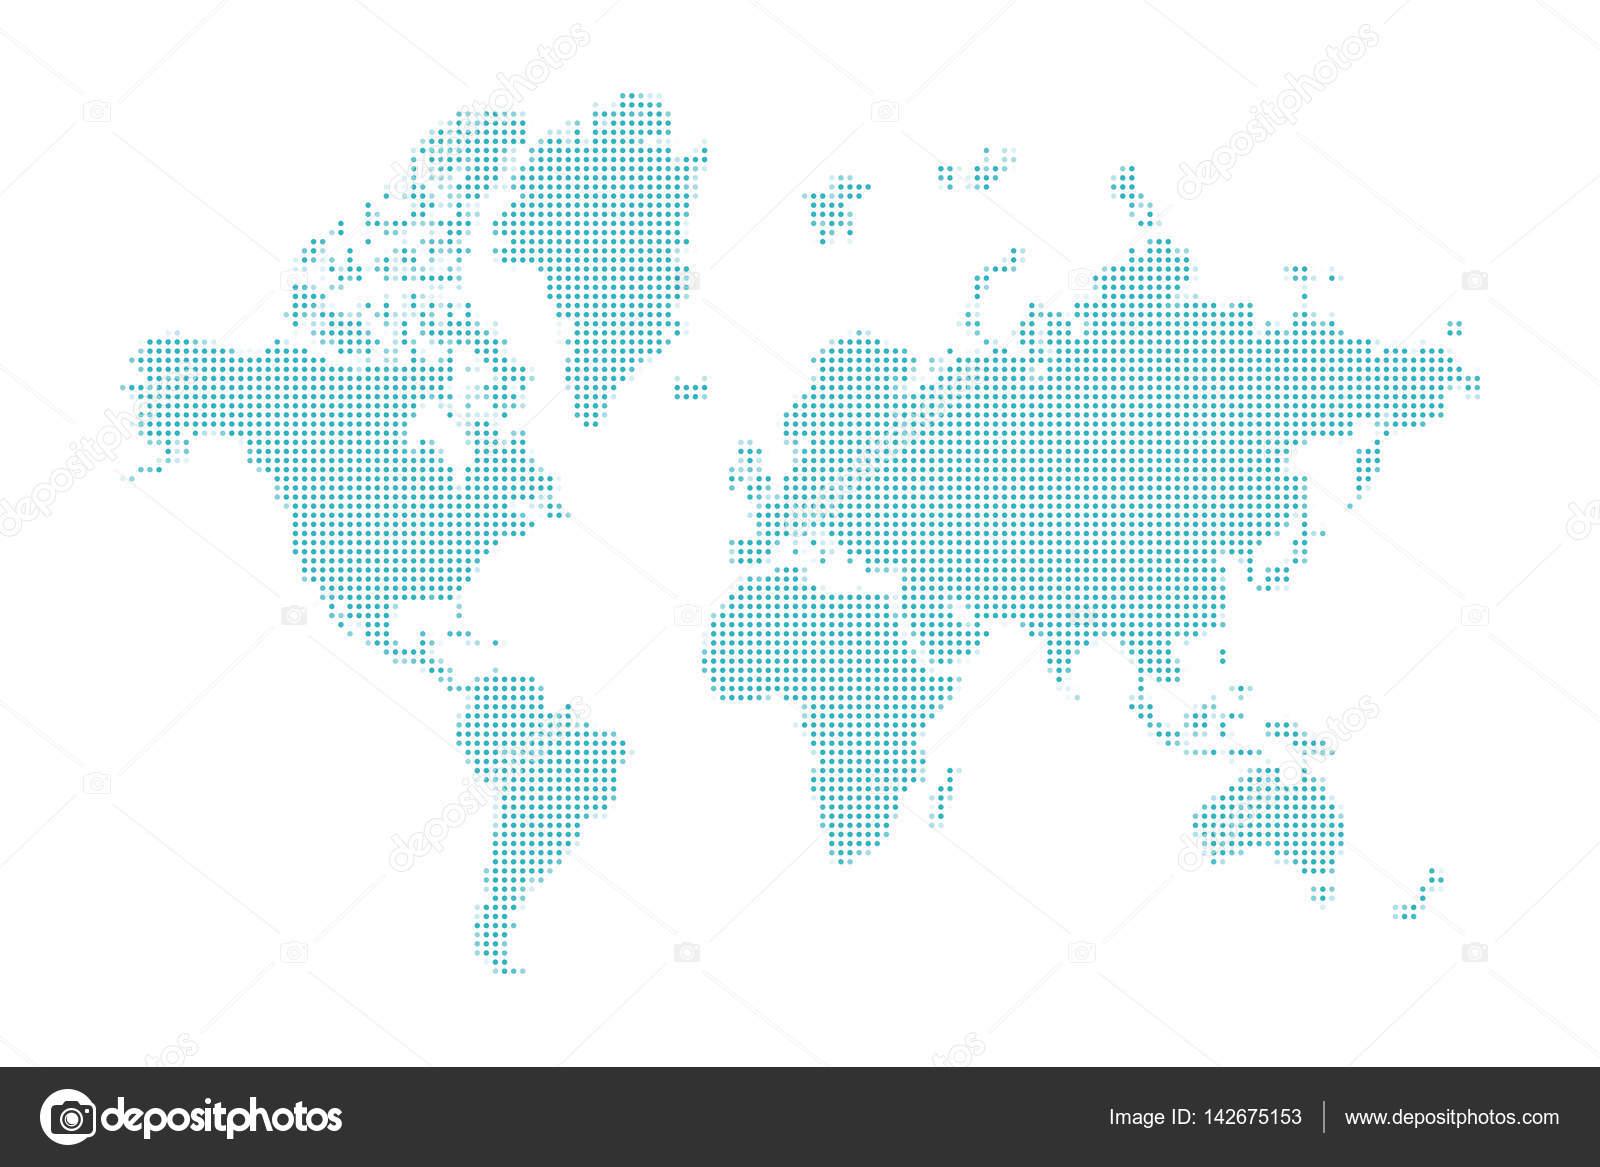 蓝色虚线的世界地图,在白色背景上的矢量设计元素– 图库插图